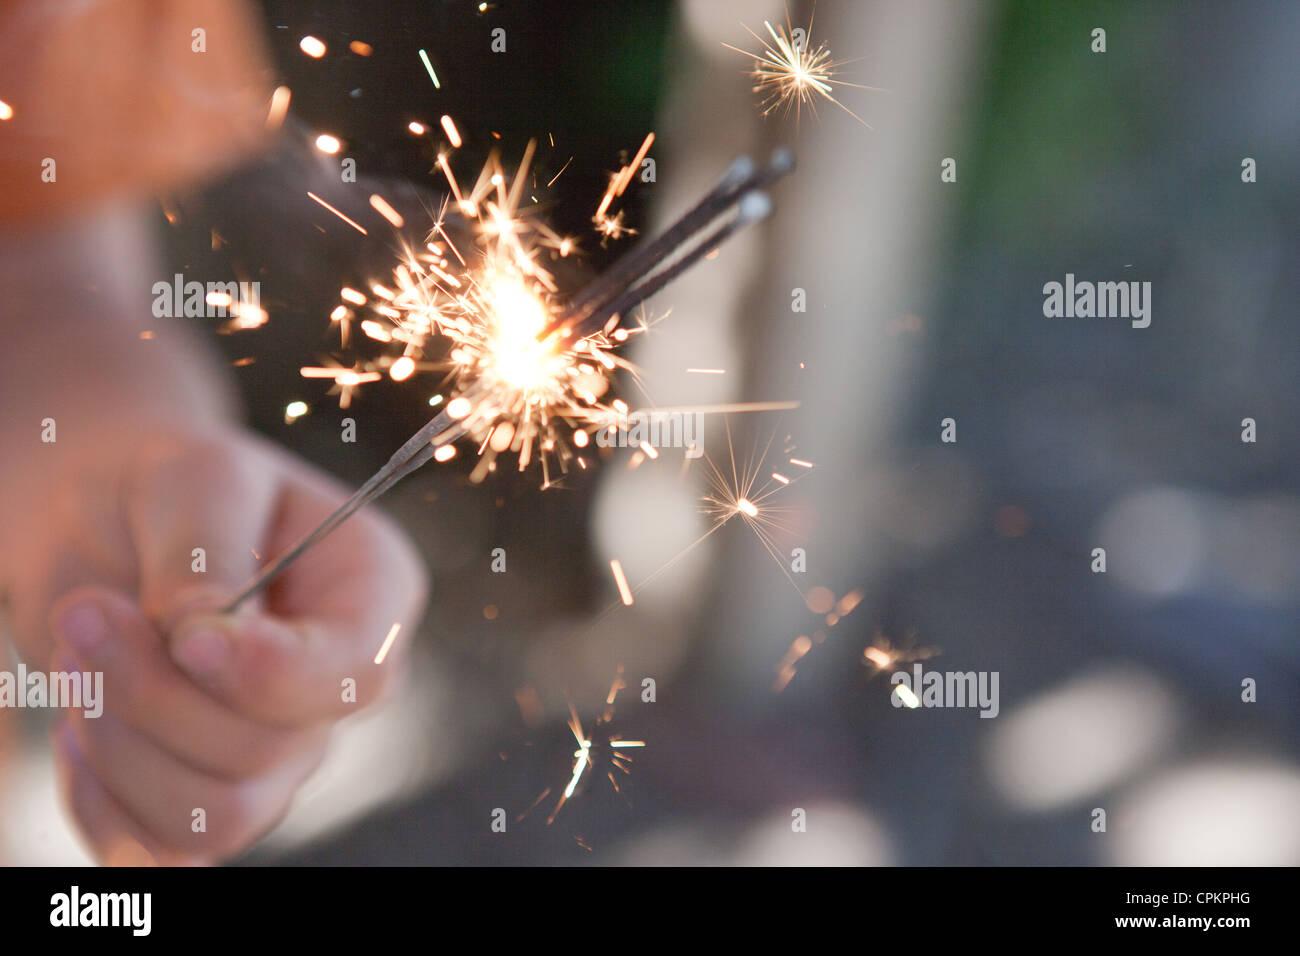 Primer plano de un niño con varias estrellitas ardiendo. Imagen De Stock